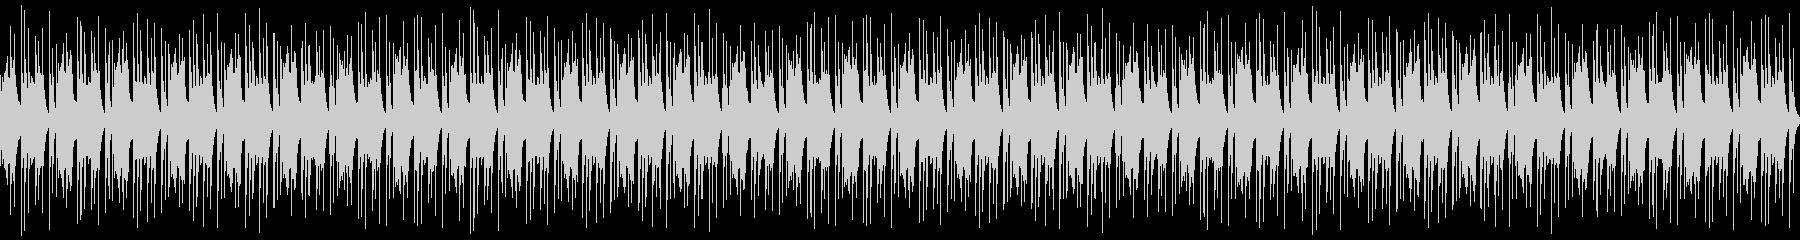 鐘/カウベル/シンセのループ の未再生の波形